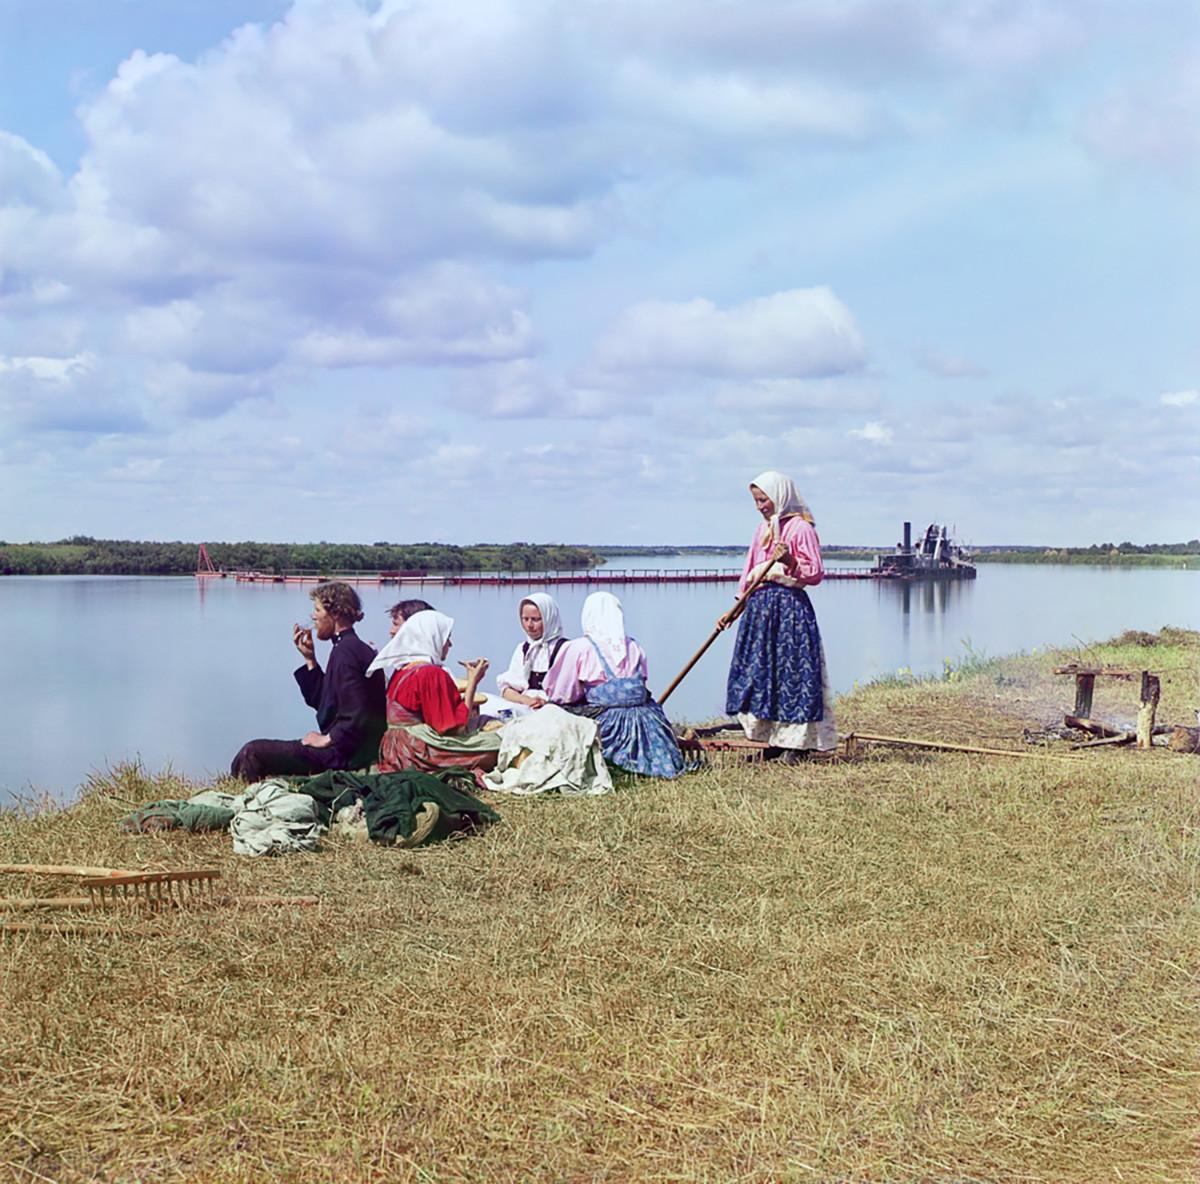 Okrožje Čerepovca. Kmetje med odmorom v času zbiranja sena na otoku reke Šeksne. V ozadju: potopna barža za navigacijski kanal. Poletje 1909